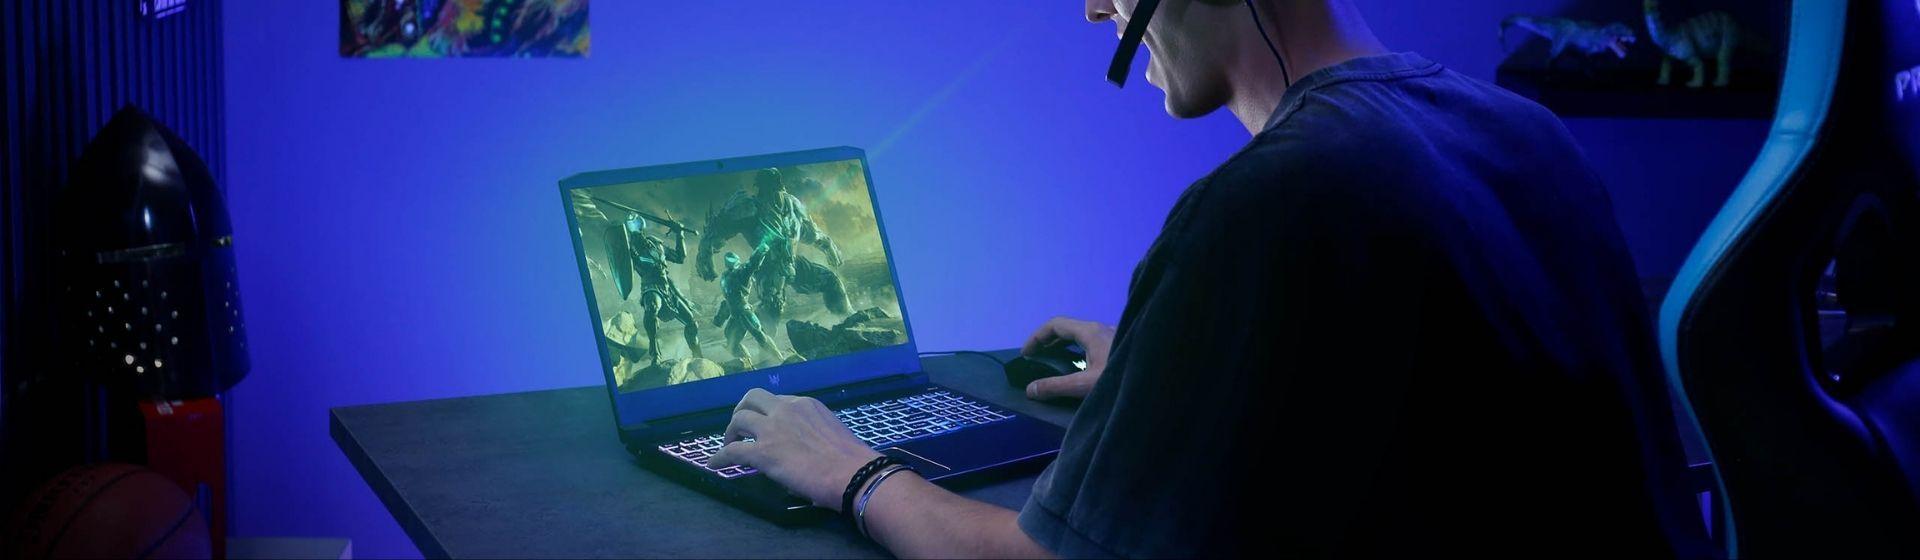 Acer Predator Helios 300: conheça versões e saiba se valem a pena